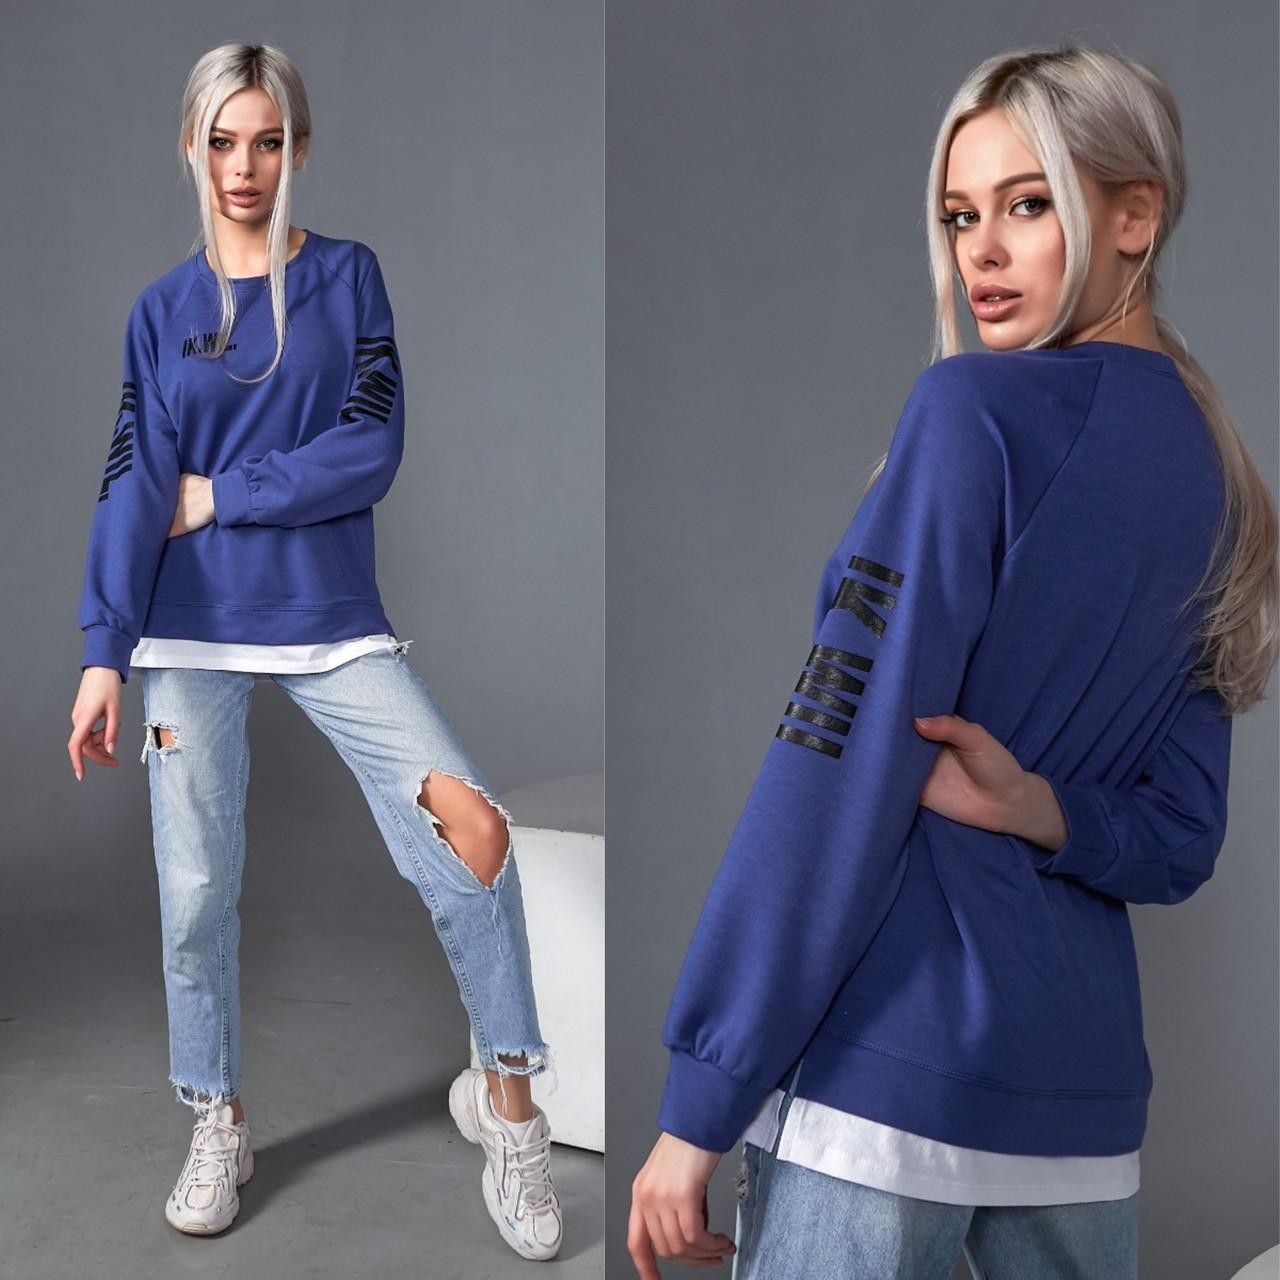 Синий женский свитшот с фальш-футболкой 35-173-3